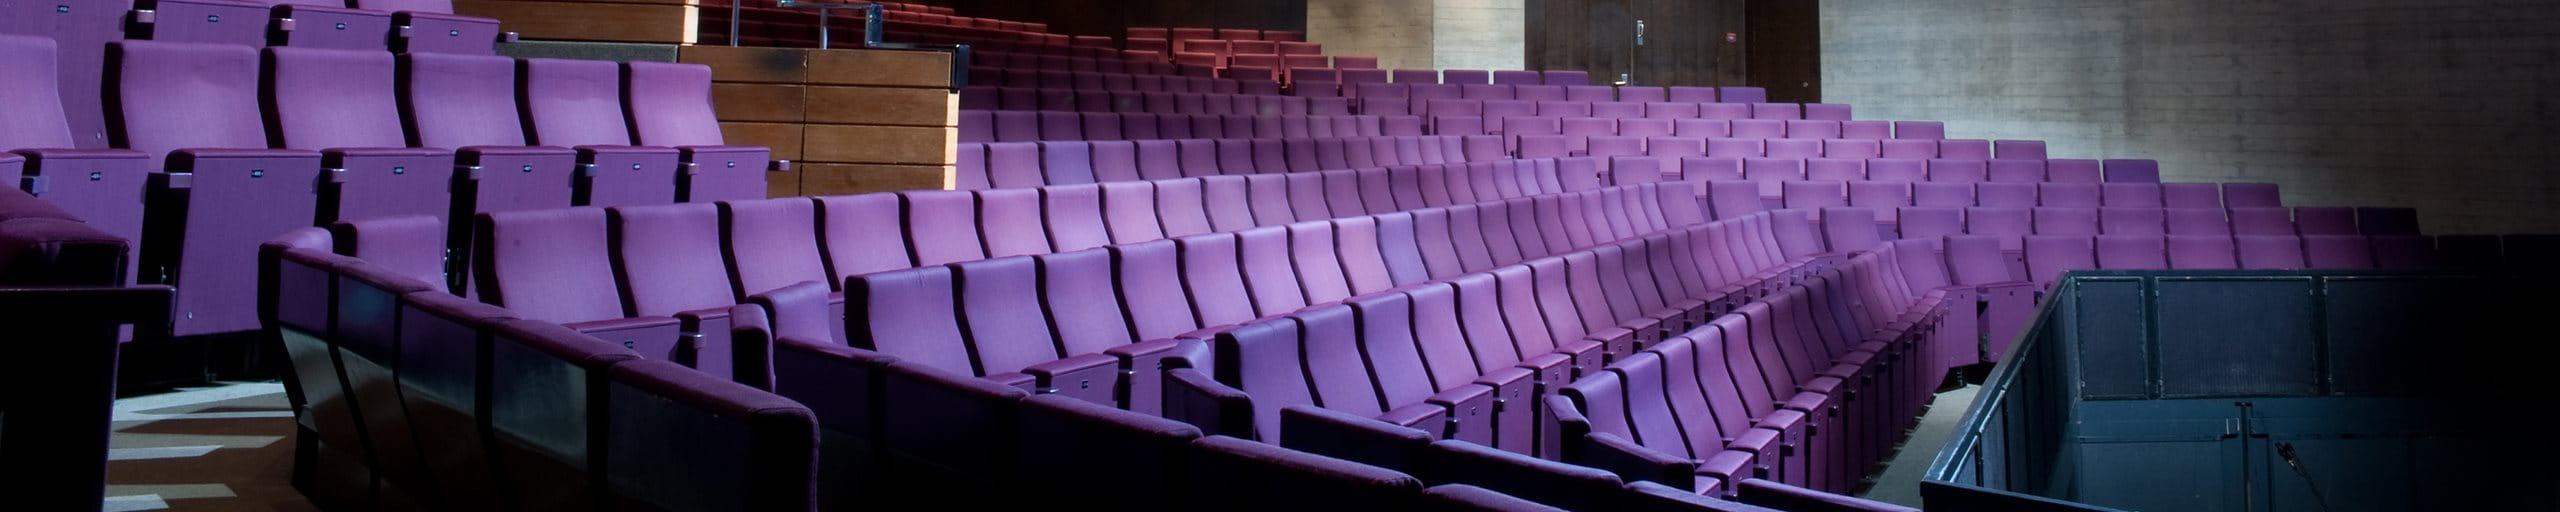 Théâtre de St-Gall